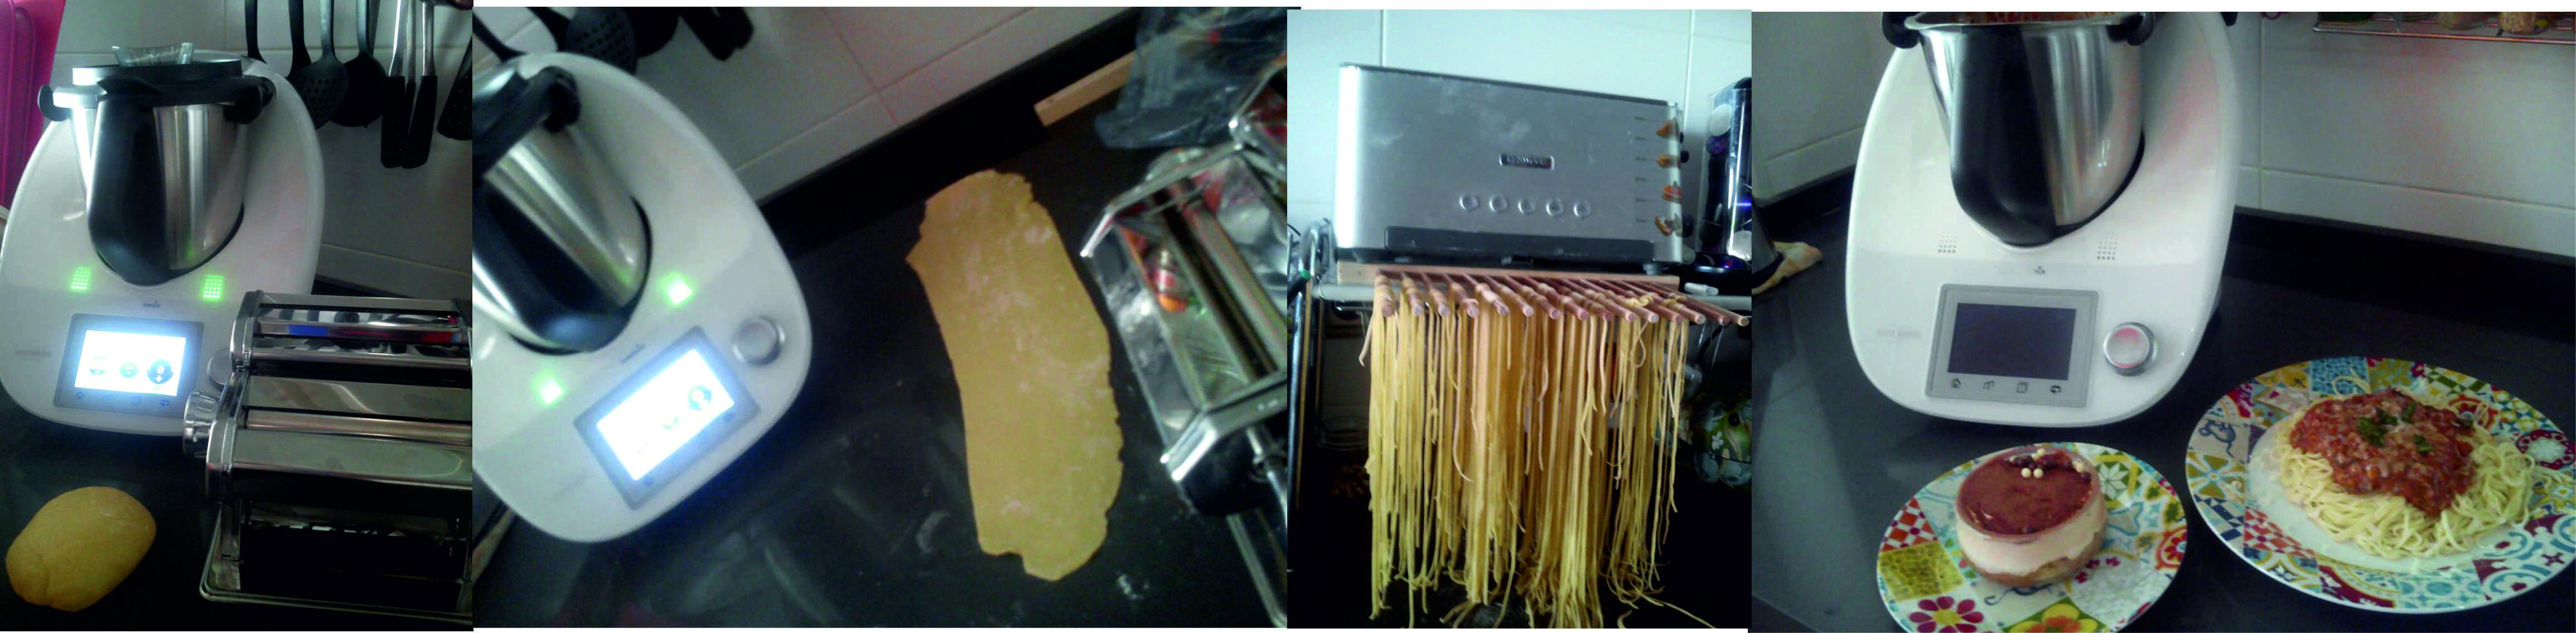 Menú cocina italiana con Thermomix®